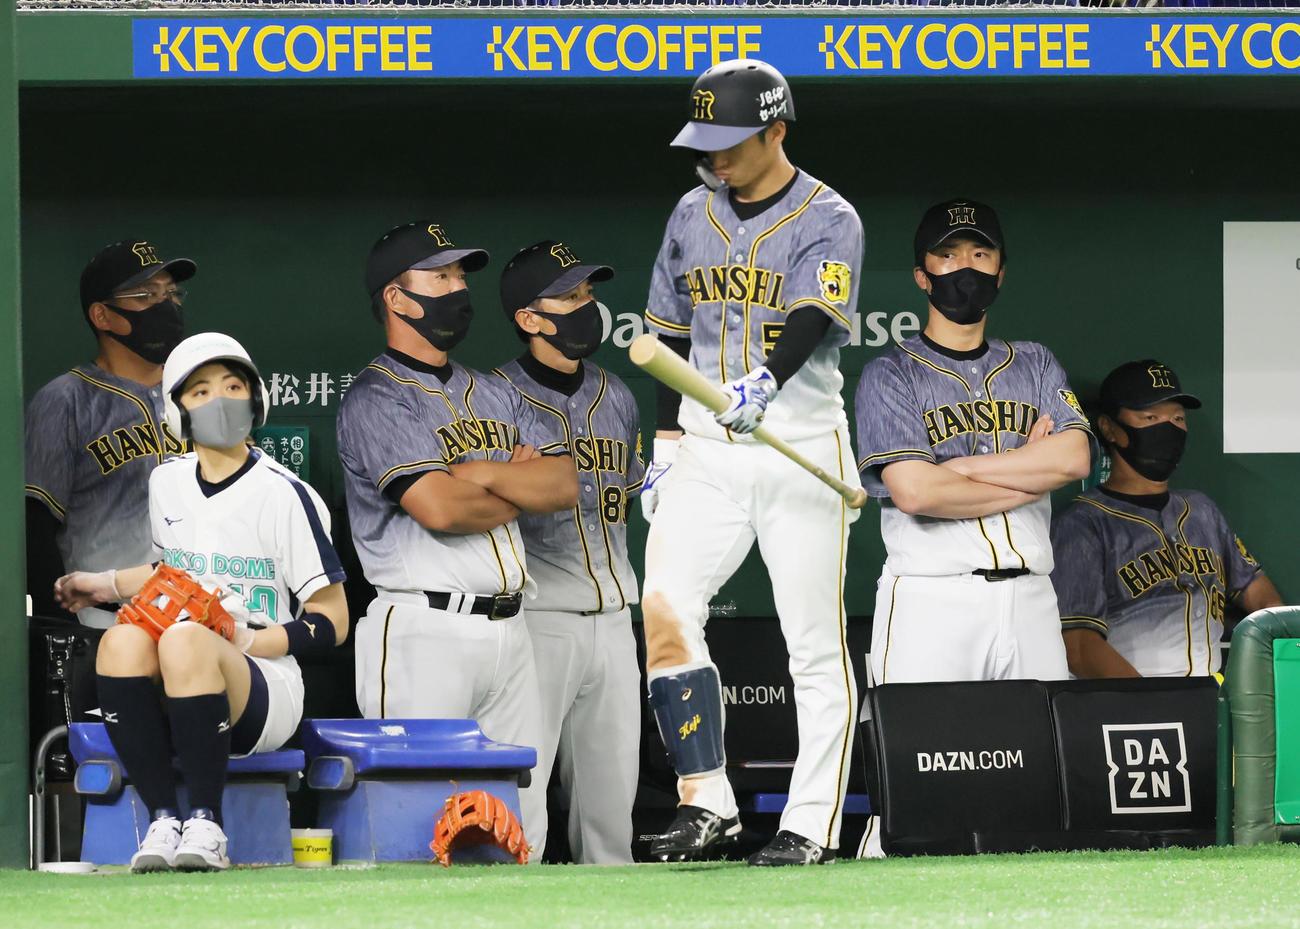 巨人対阪神 ベンチで厳しい表情を見せる阪神矢野燿大監督(中央左)ら